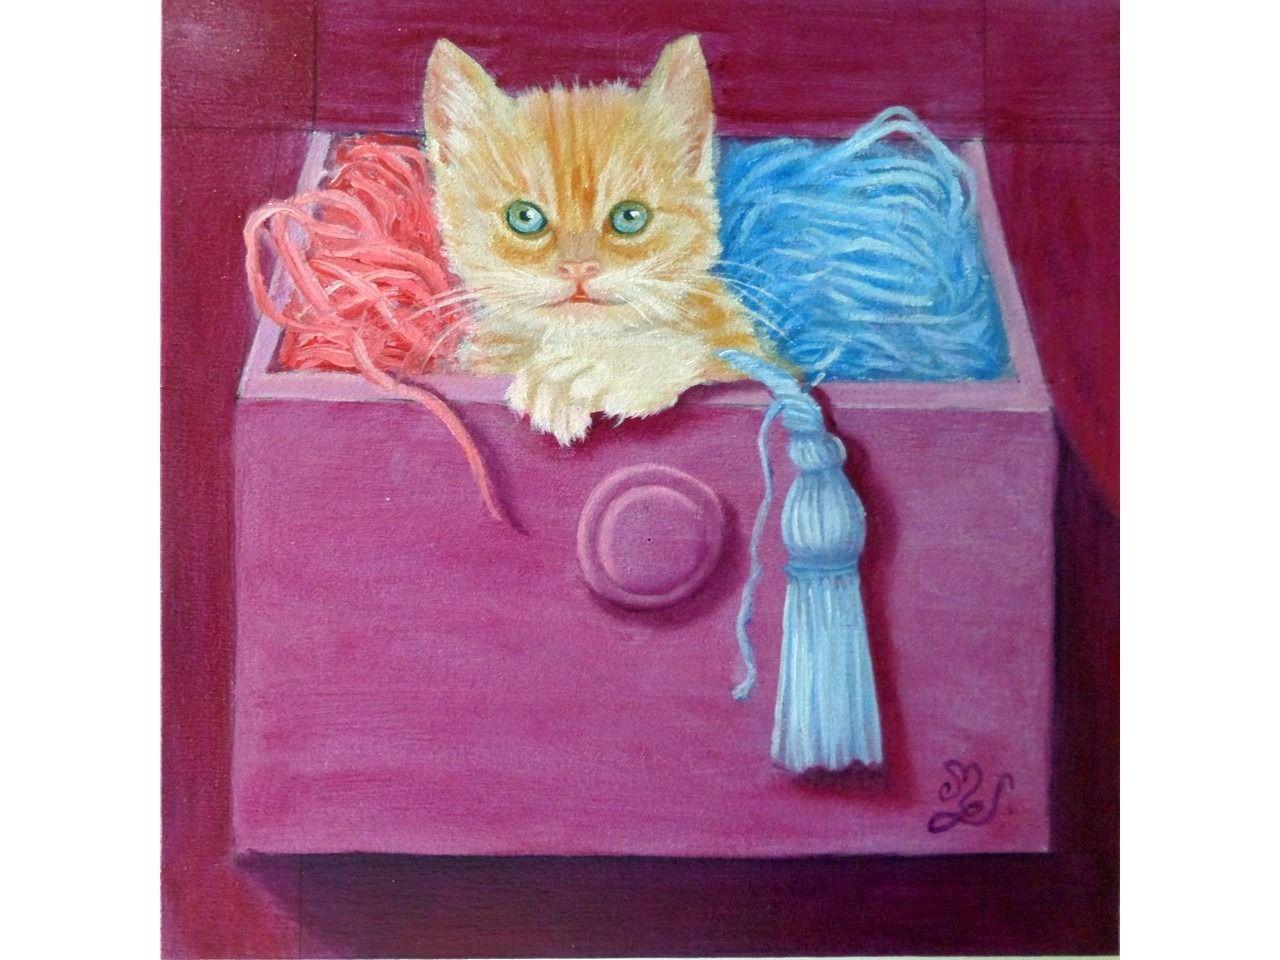 Peinture chaton dans tiroir mercerie huile sur bois trompe-l'oeil : Peintures par mgdecors